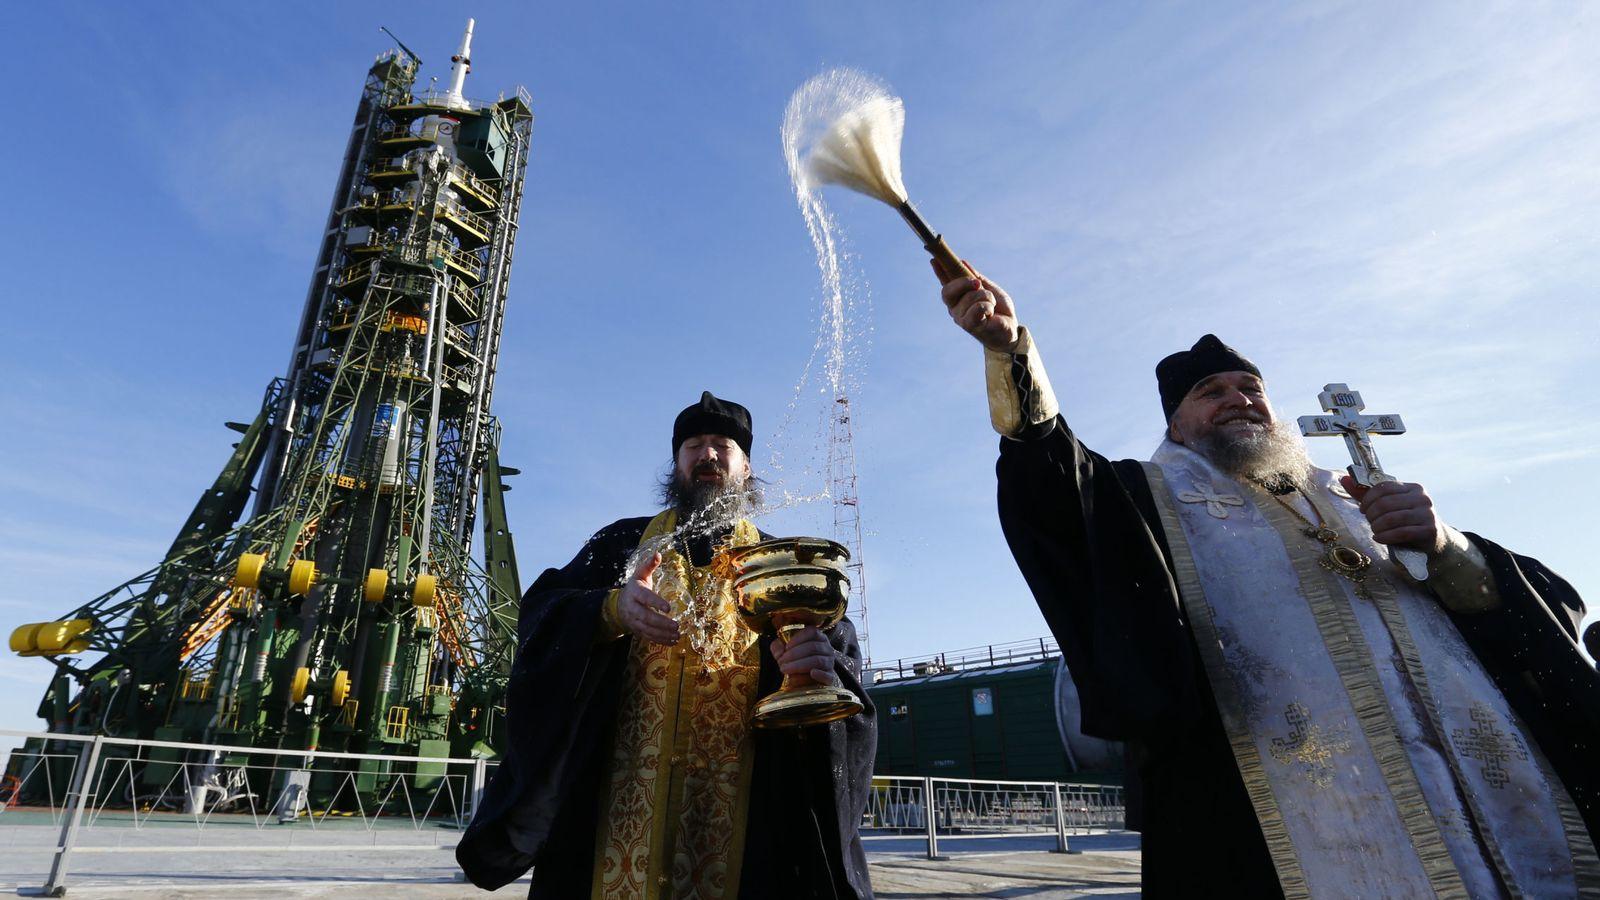 Foto: Un sacerdote ortodoxo oficia una ceremonia frente a la nave Soyuz TMA-19M en la estación de Baikonur, Kazajistán, el 14 de diciembre de 2015. (Reuters)